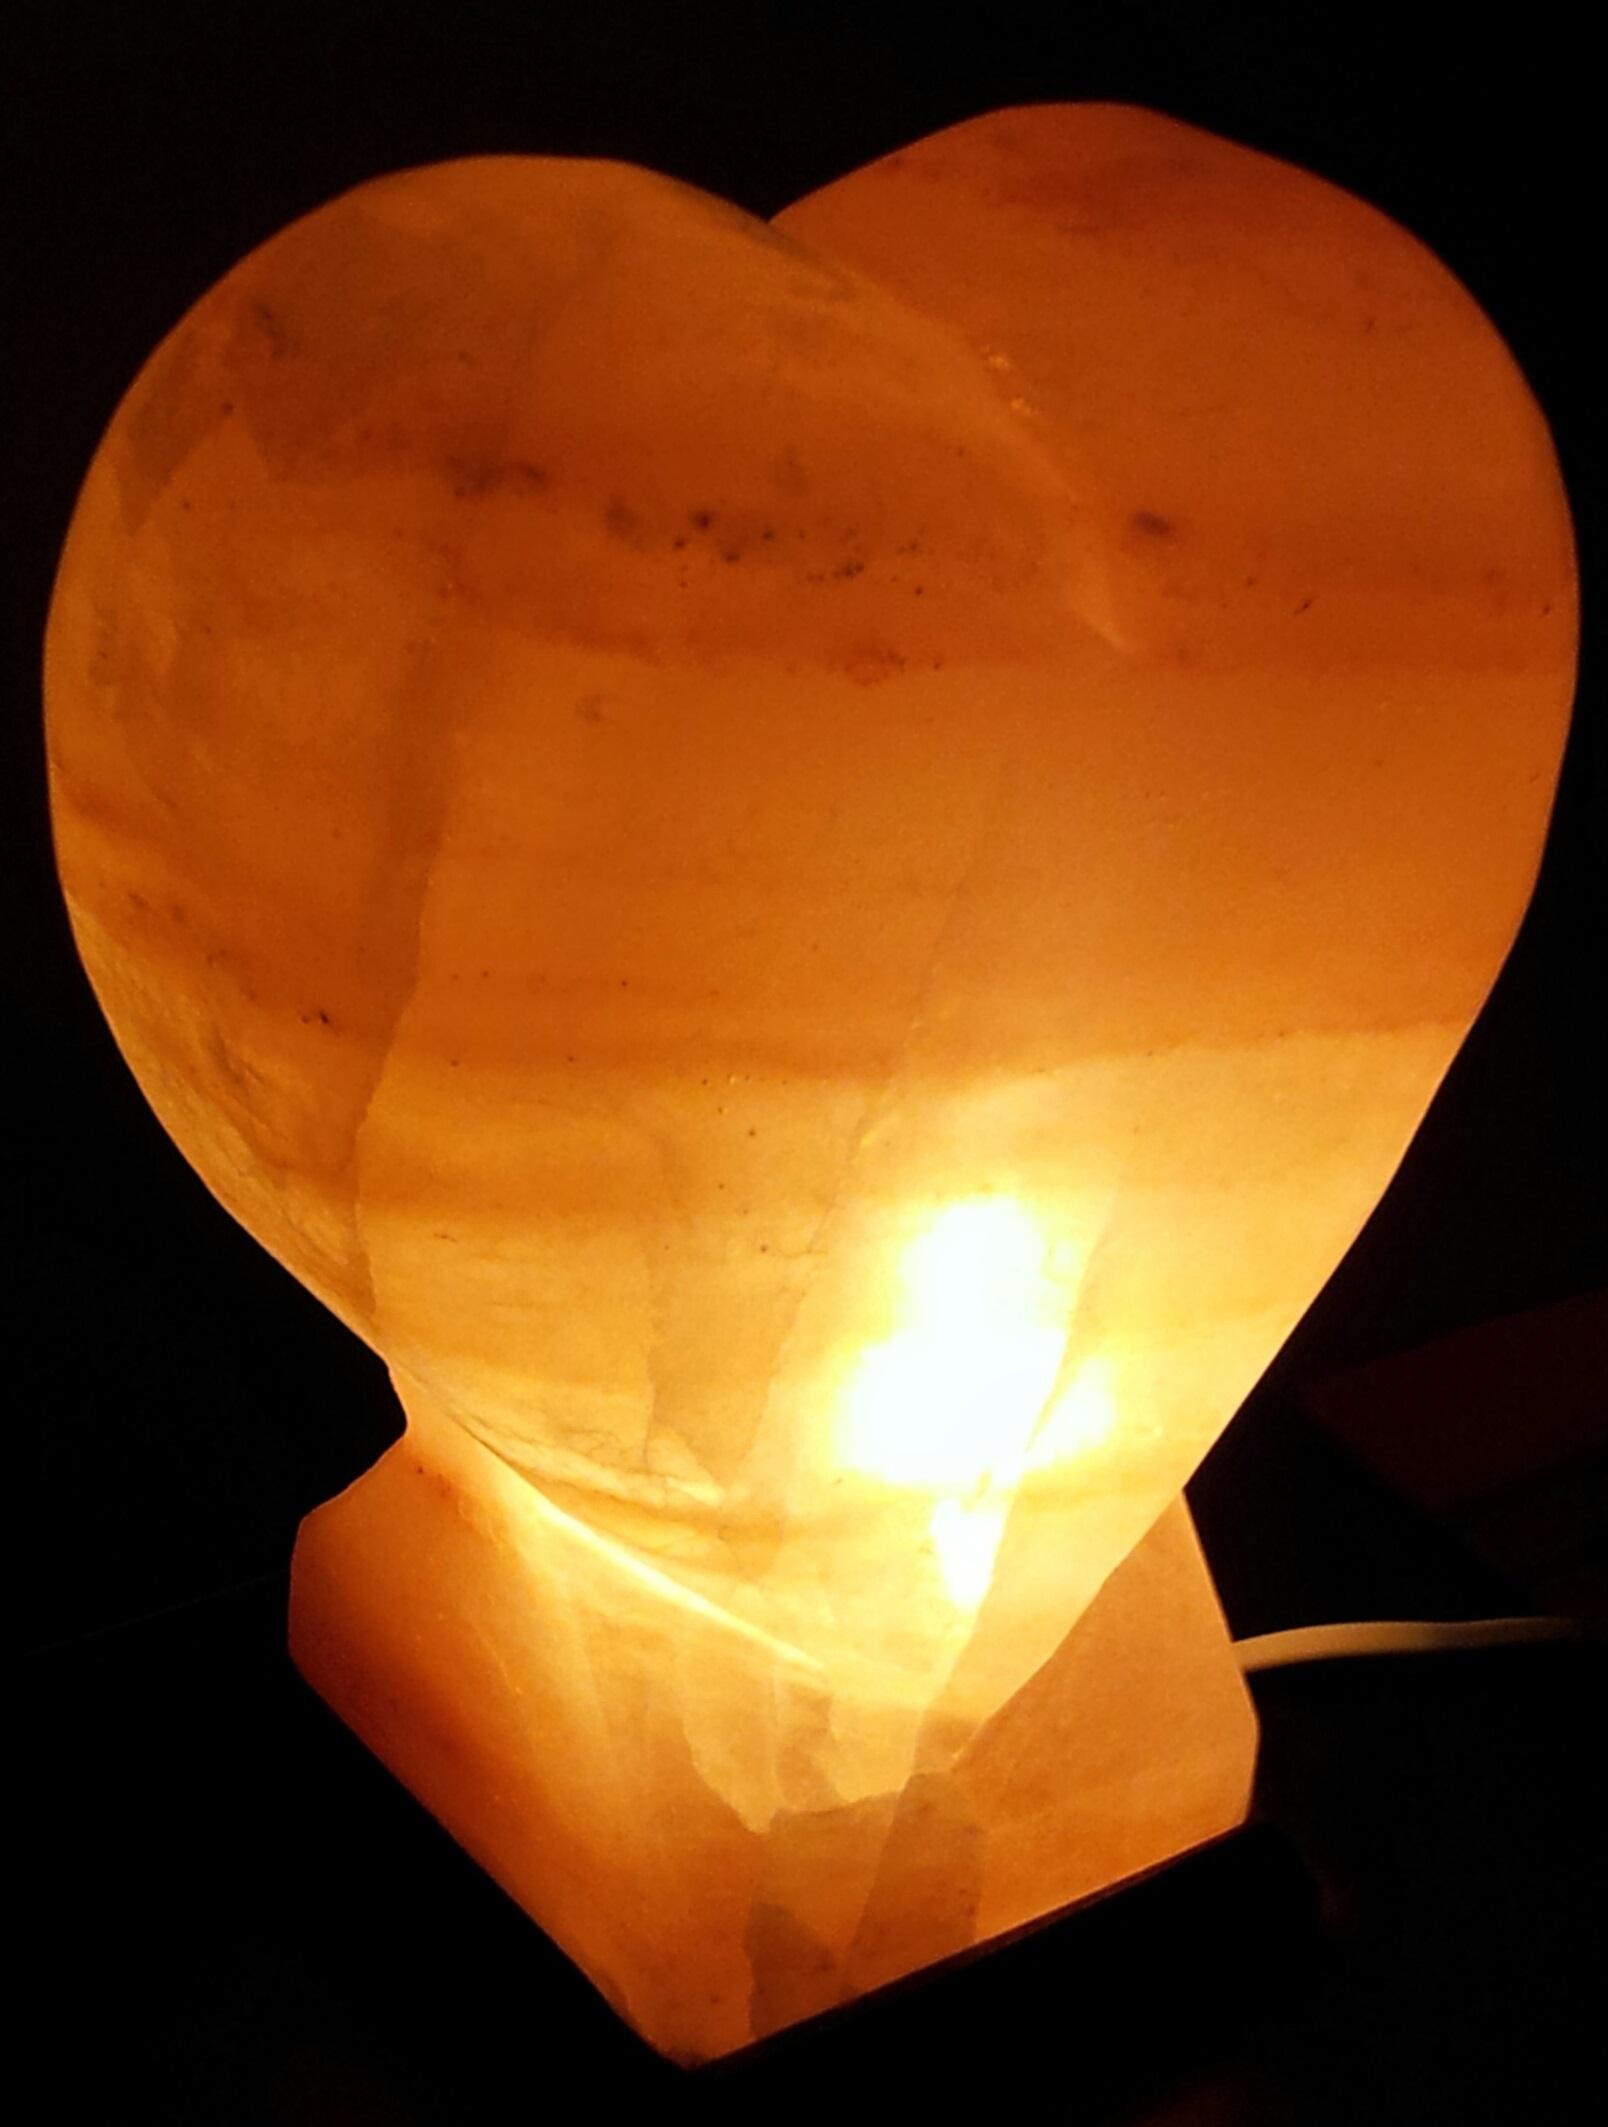 salzkristall lampe herz ca 4 5 kg ca 25 cm h he 4evo naturprodukte. Black Bedroom Furniture Sets. Home Design Ideas